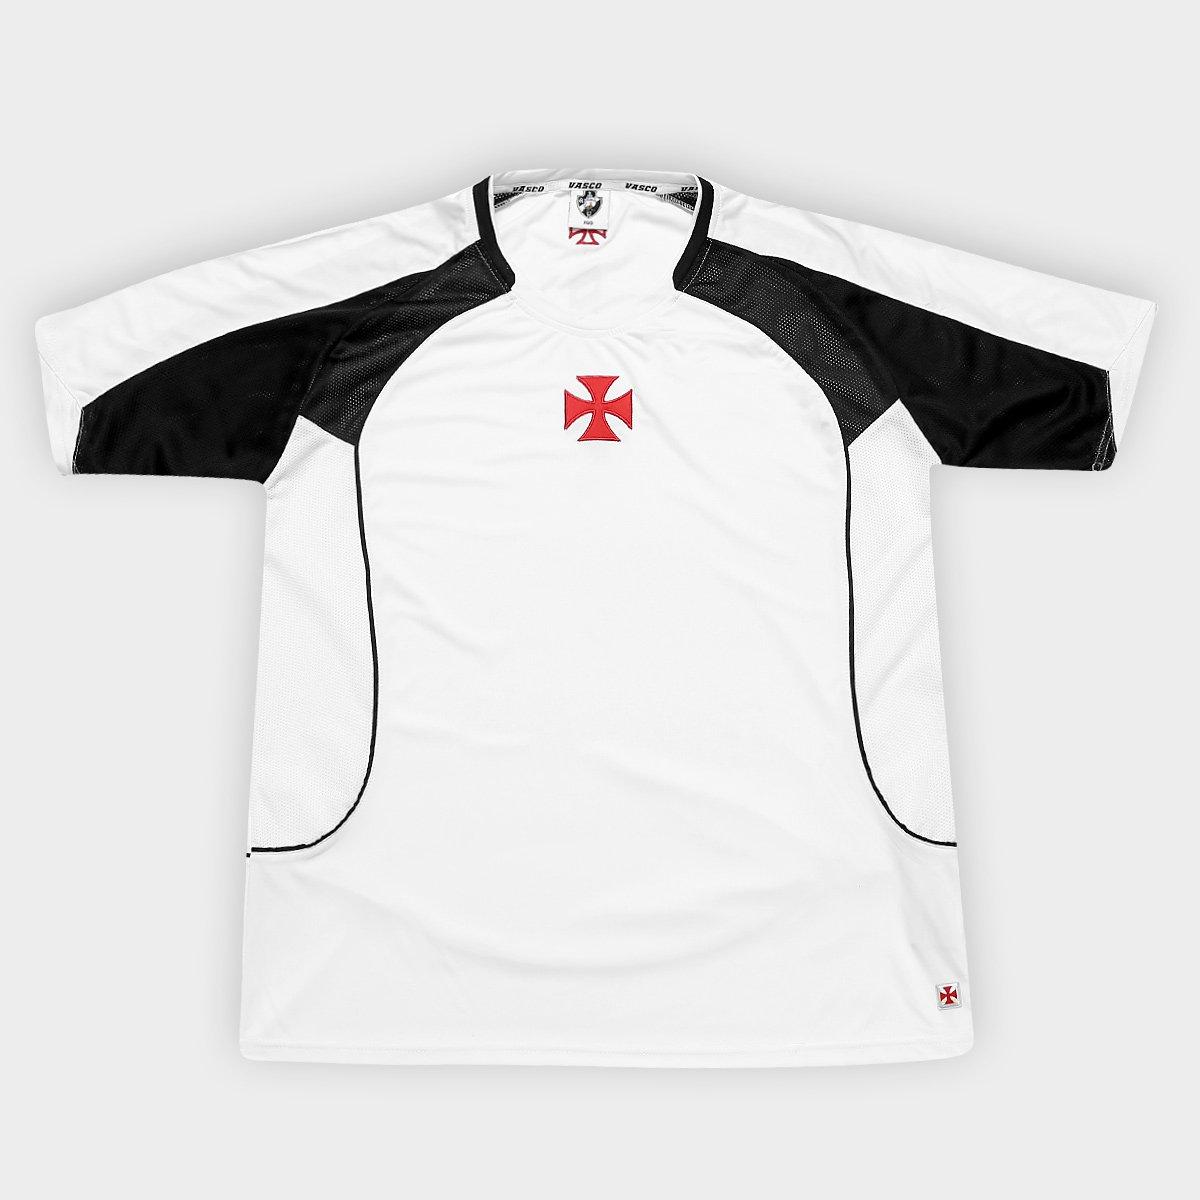 5cd18acc5bc0a Camiseta Vasco Cruz de Malta Central 02 Masculina - Compre Agora ...